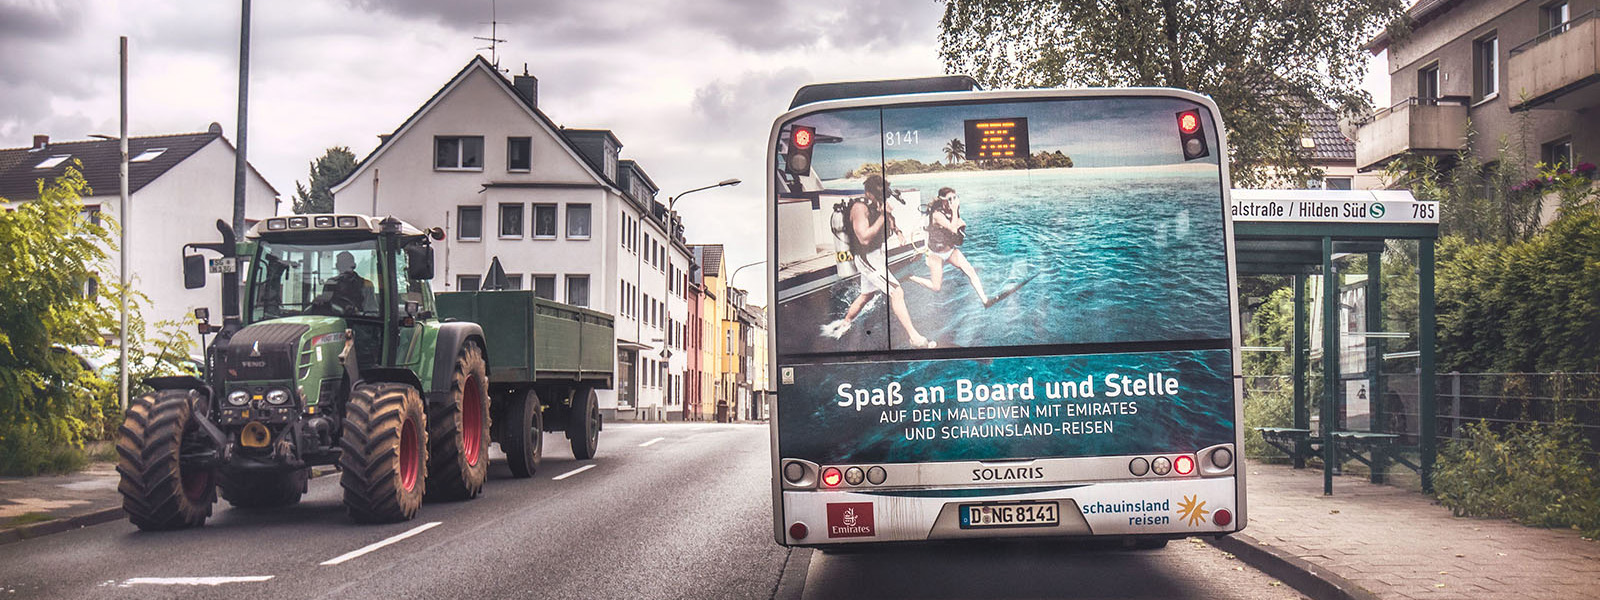 Duesseldorf-Buswerbung-Heckwerbung